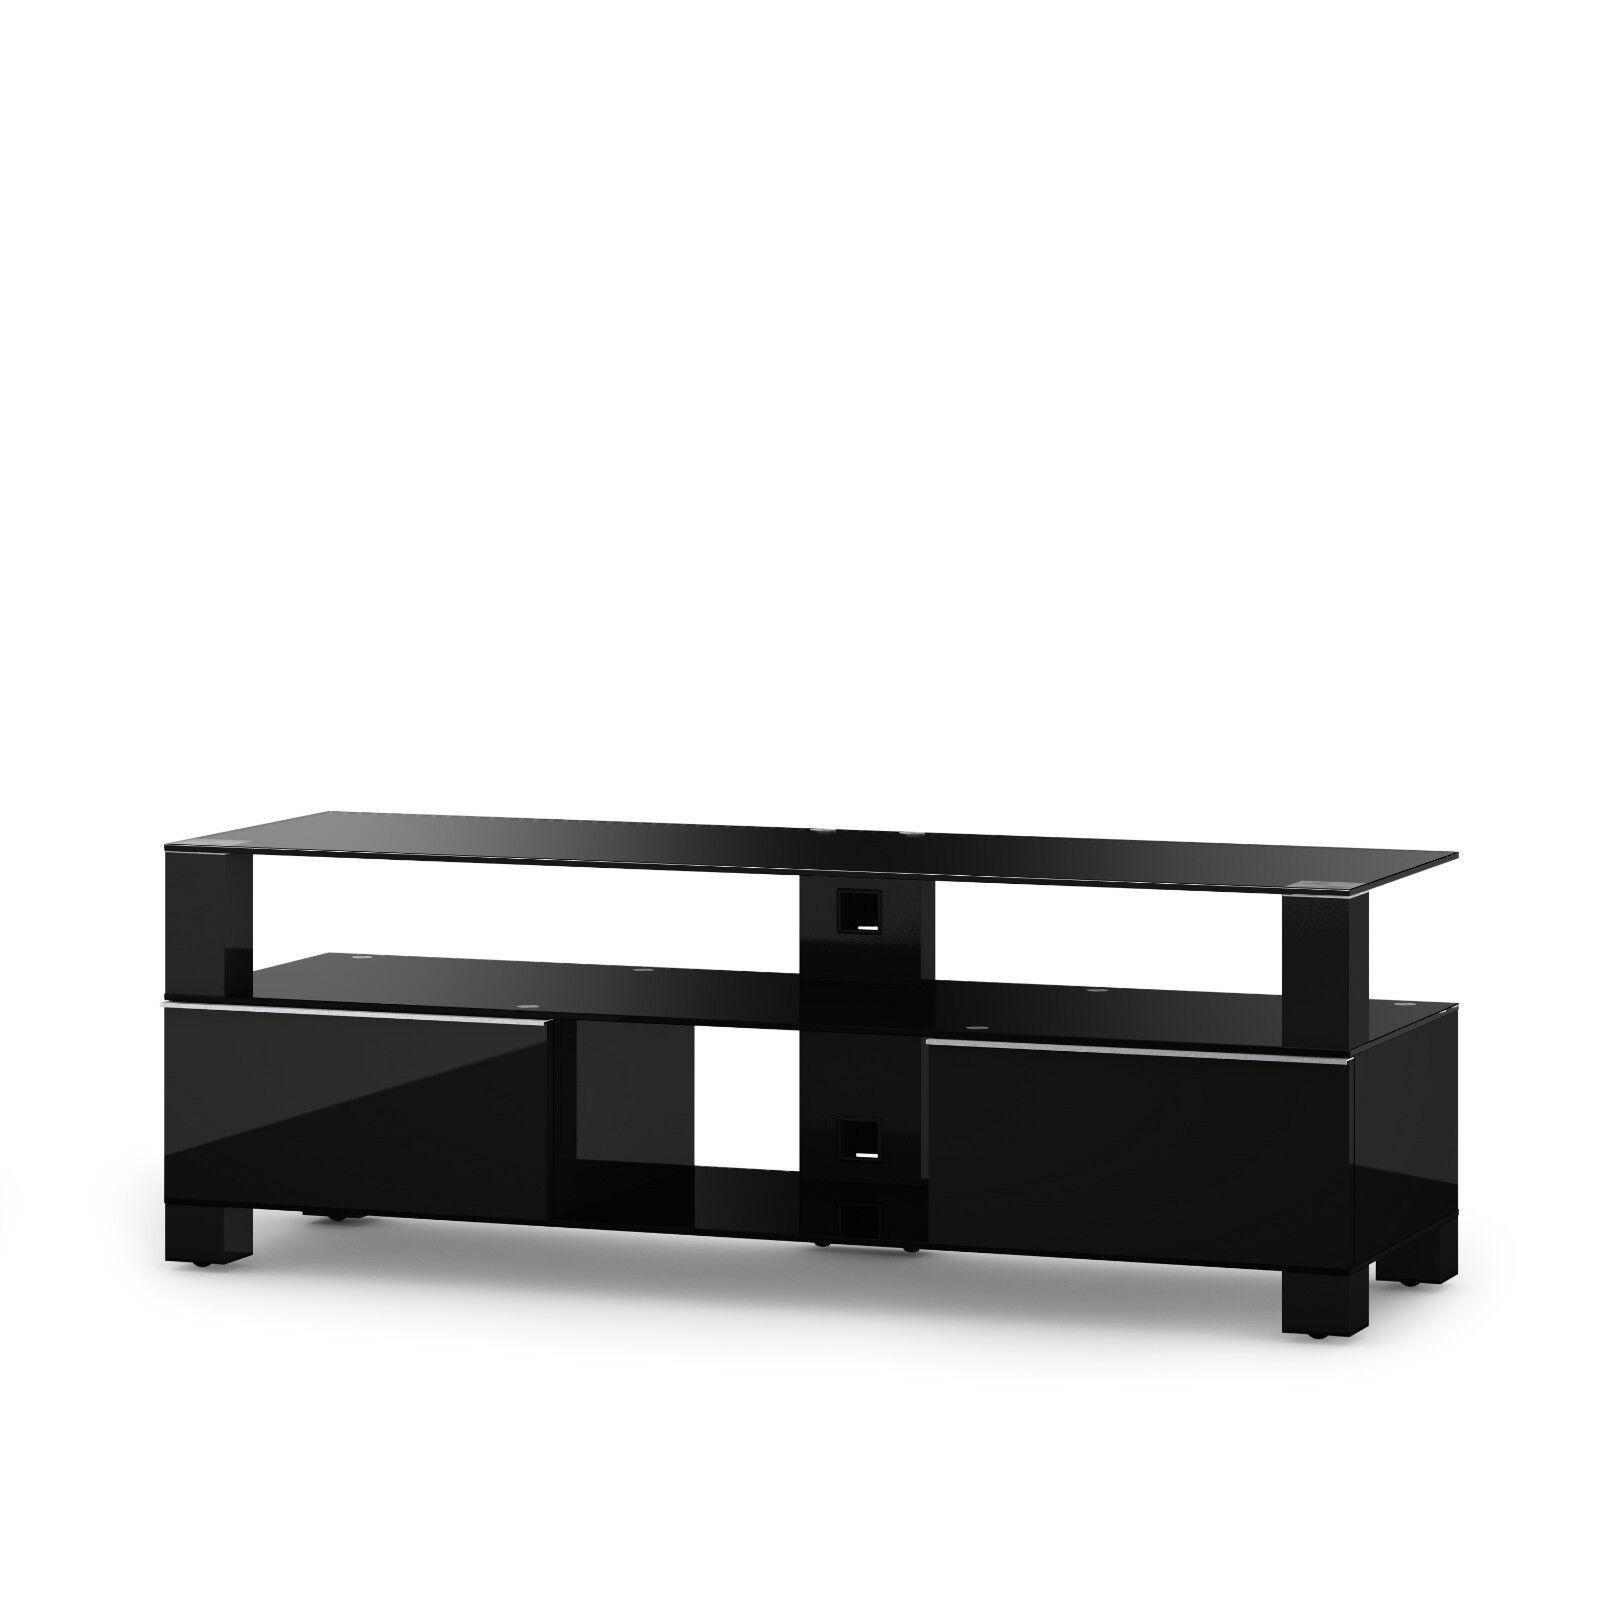 SonGoldus MD 9140-B-HBLK-BLK TV-Möbel Fernsehtisch Fernsehtisch Fernsehtisch für 60